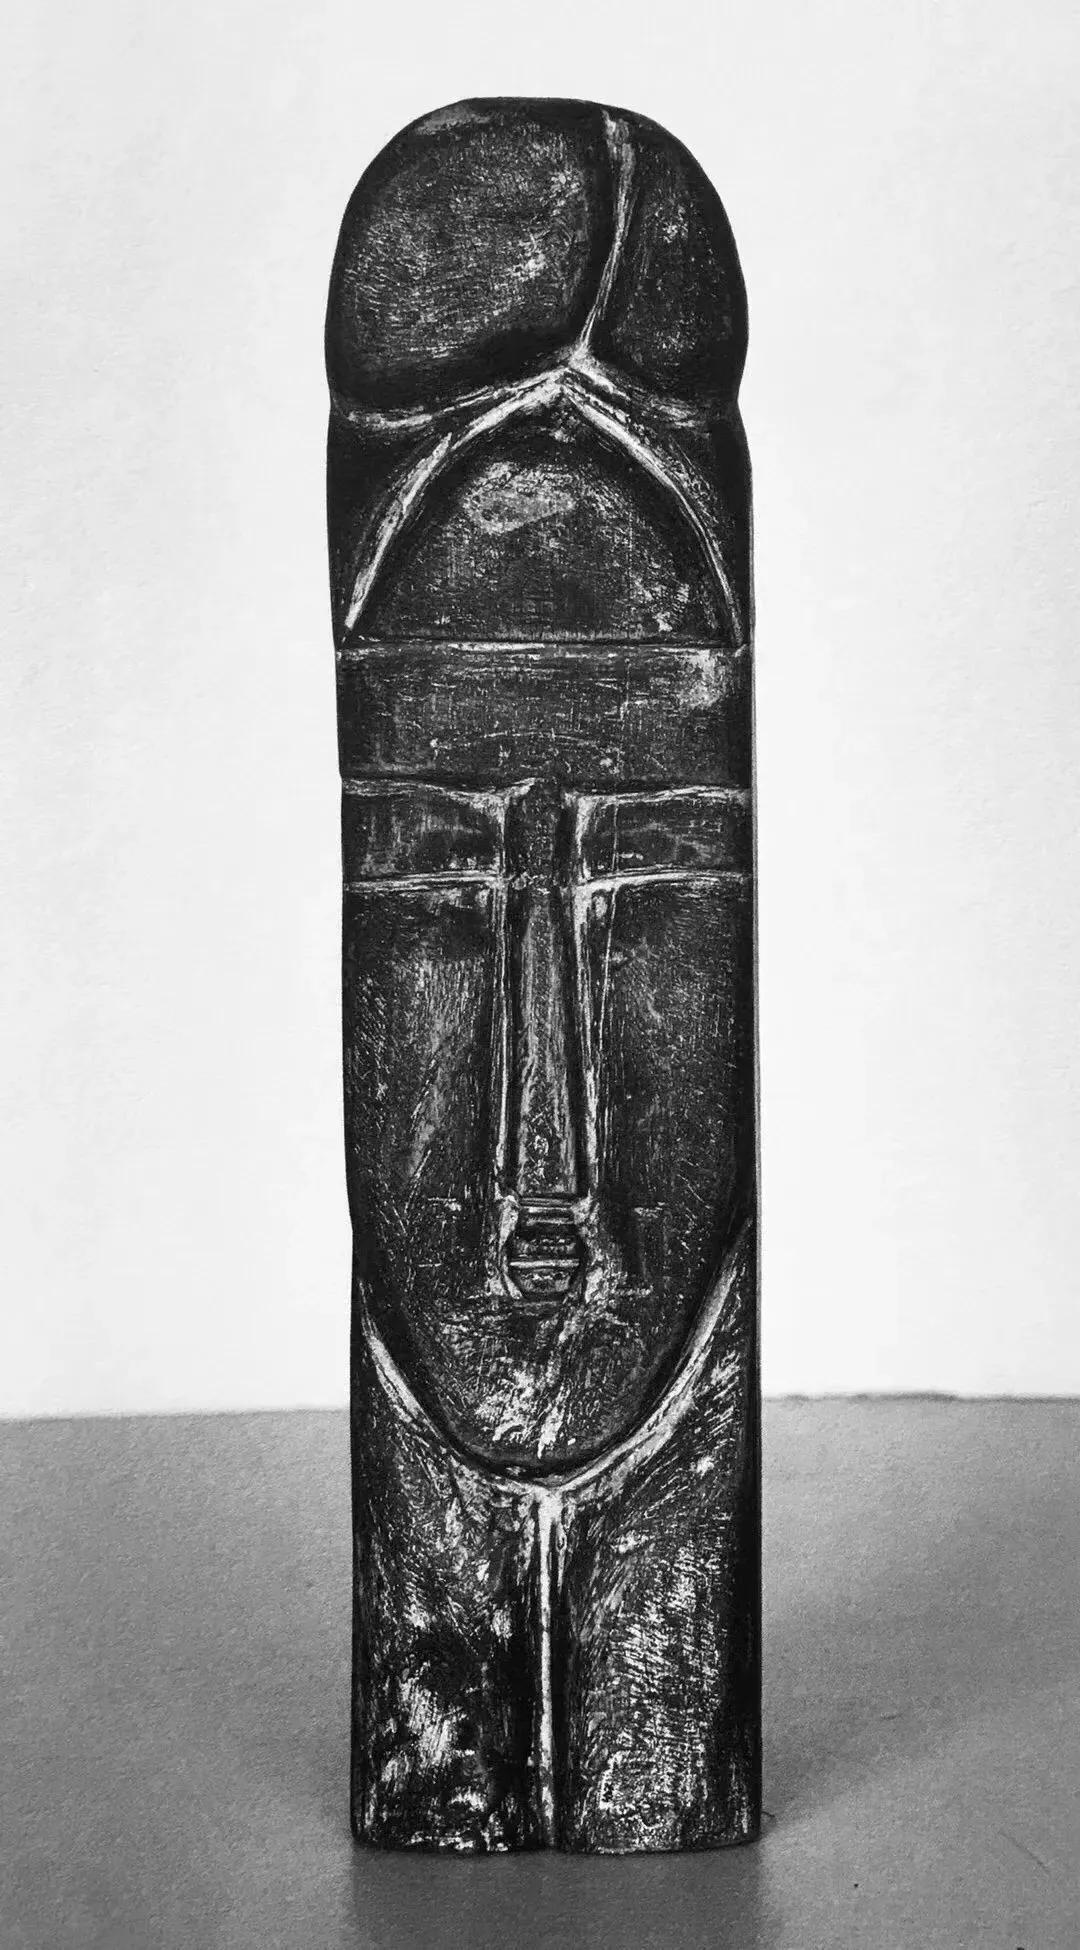 丁立人雕塑《慈母》,1994